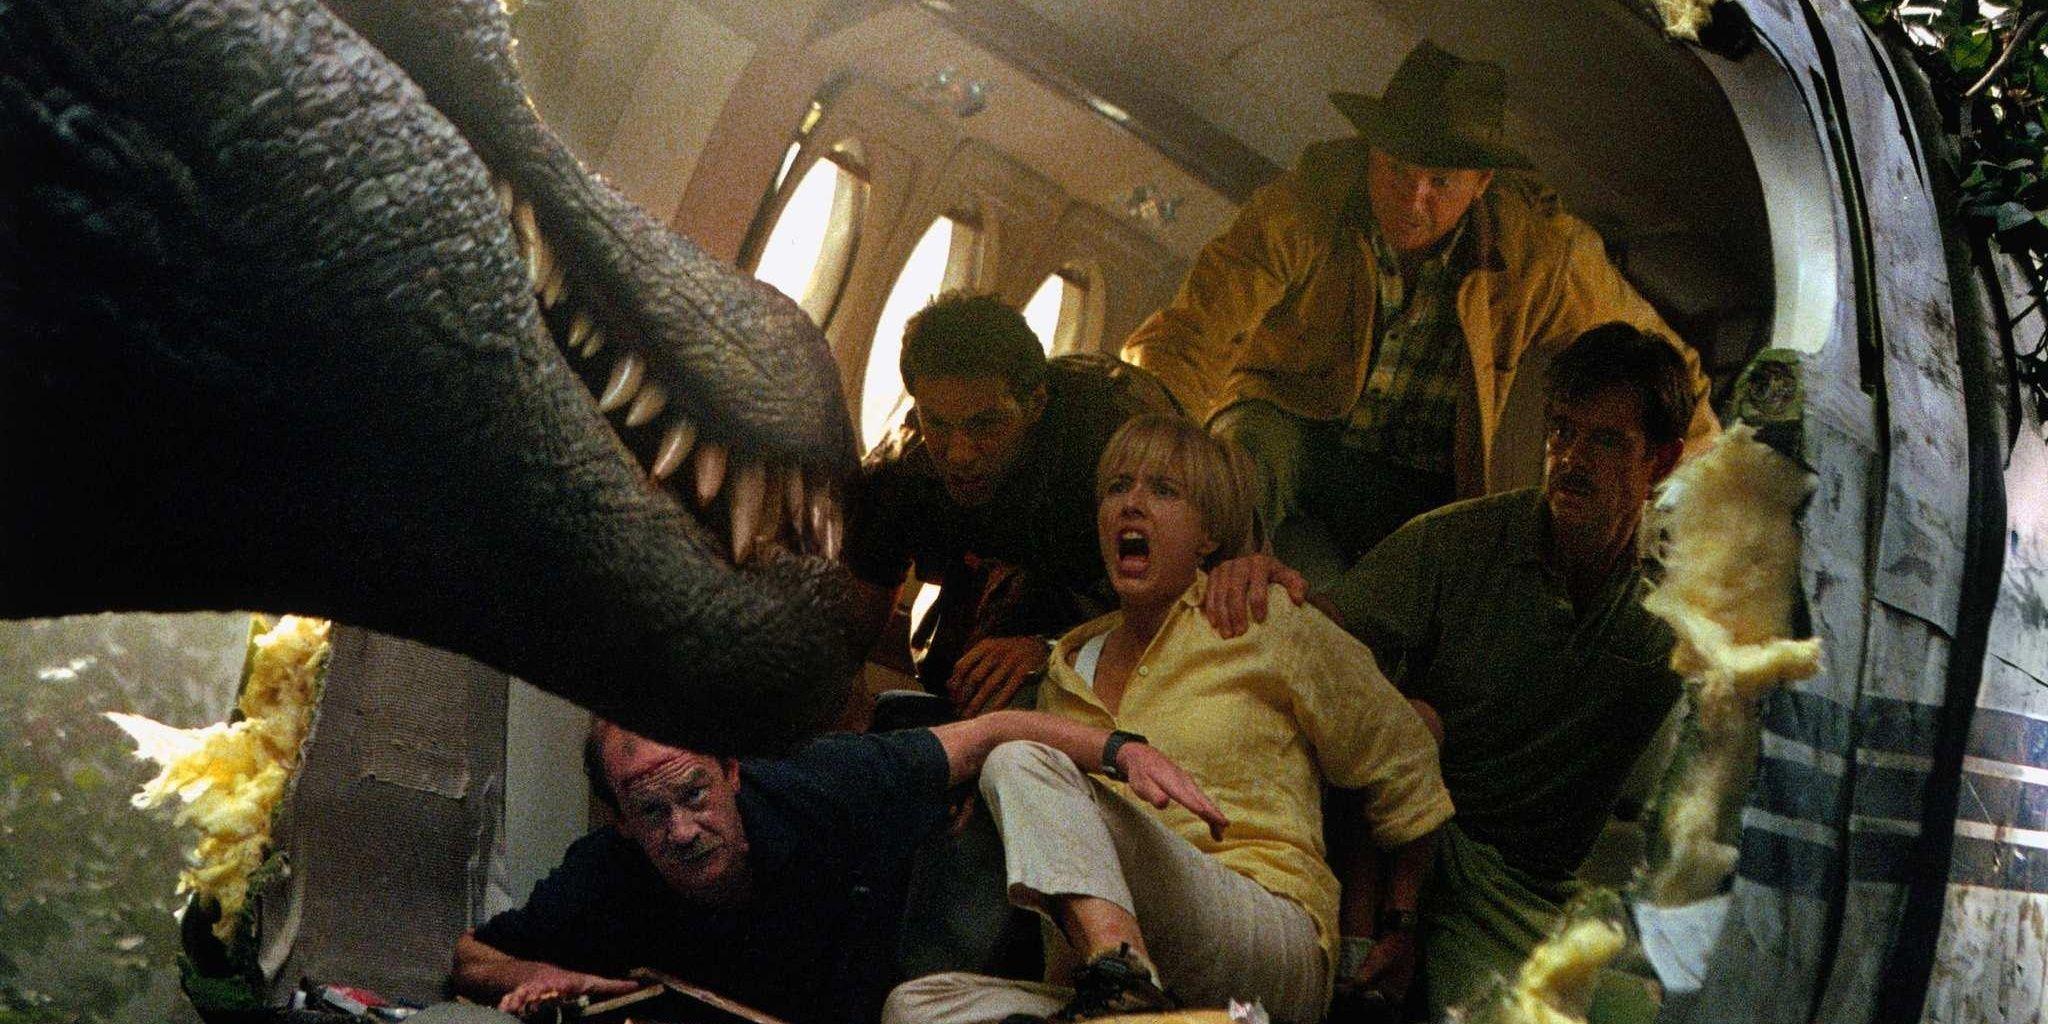 Como Jurassic World 3 pode evitar os erros do Jurassic Park III 2